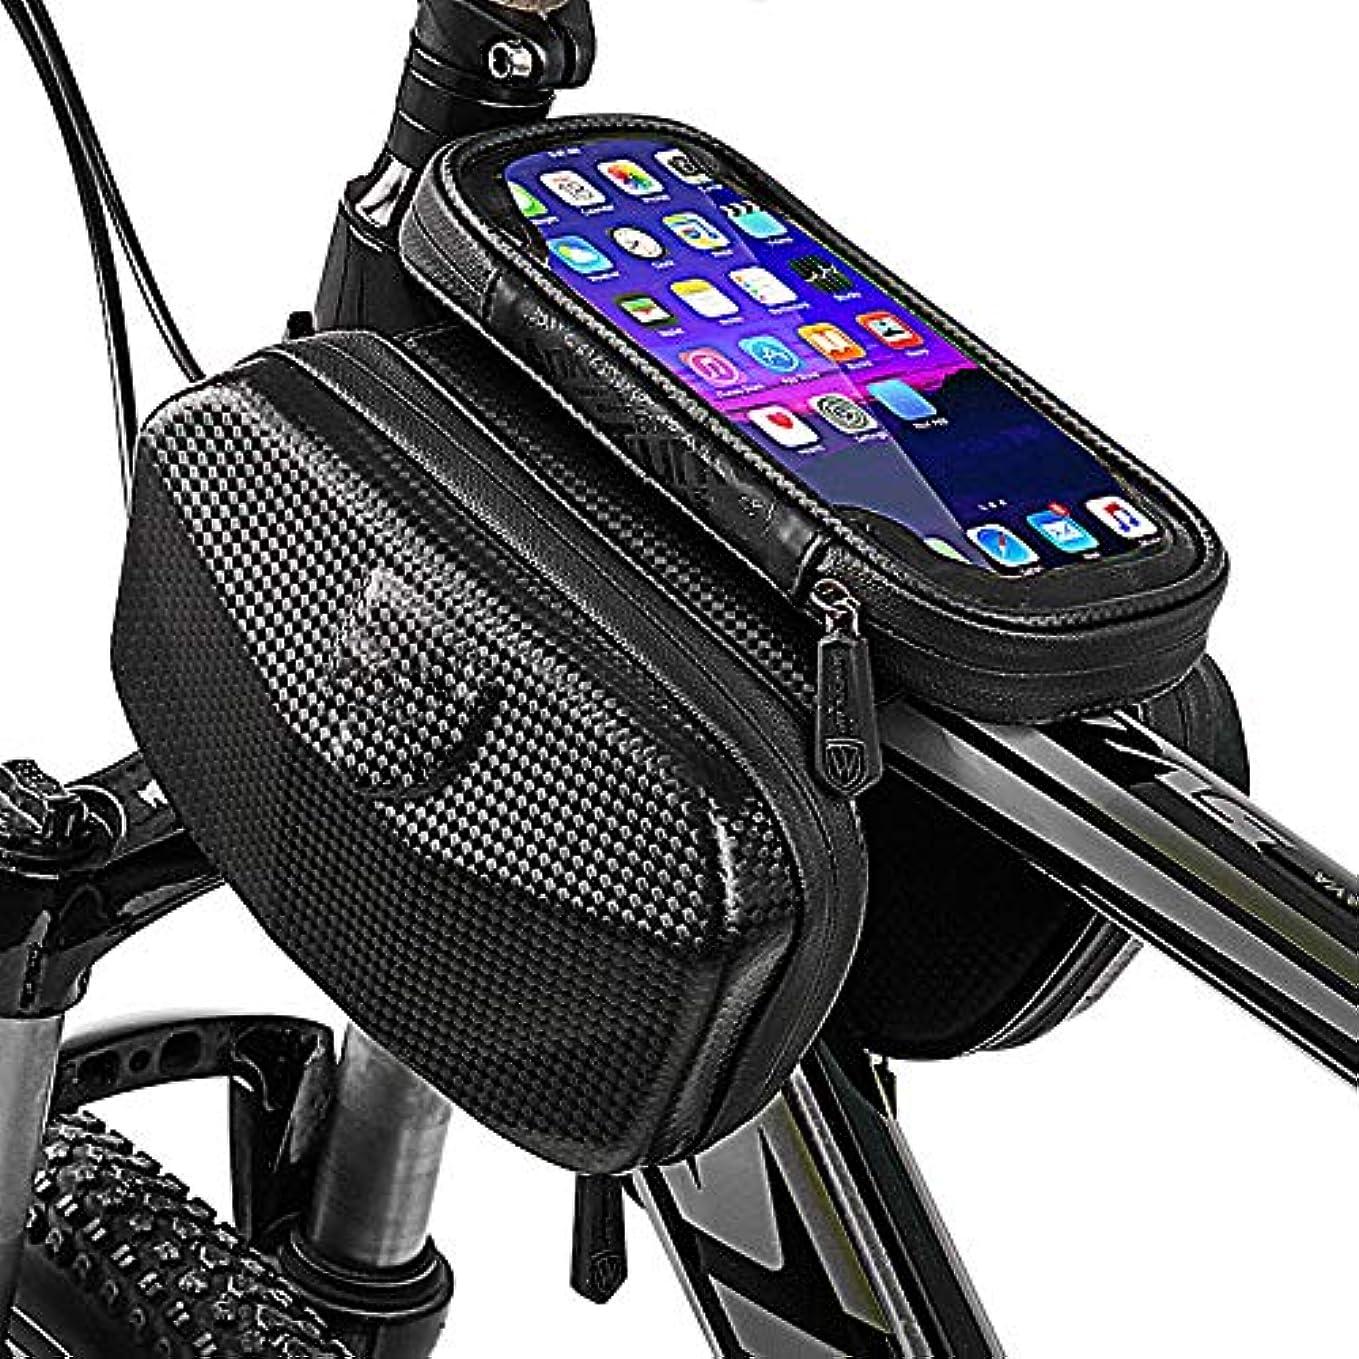 シンポジウム現代の気づくなる自転車フレームバッグ携帯電話屋外ポータブル防水収納バッグサイクリングハンドルバーバッグ電話ホルダー6インチスマートフォó